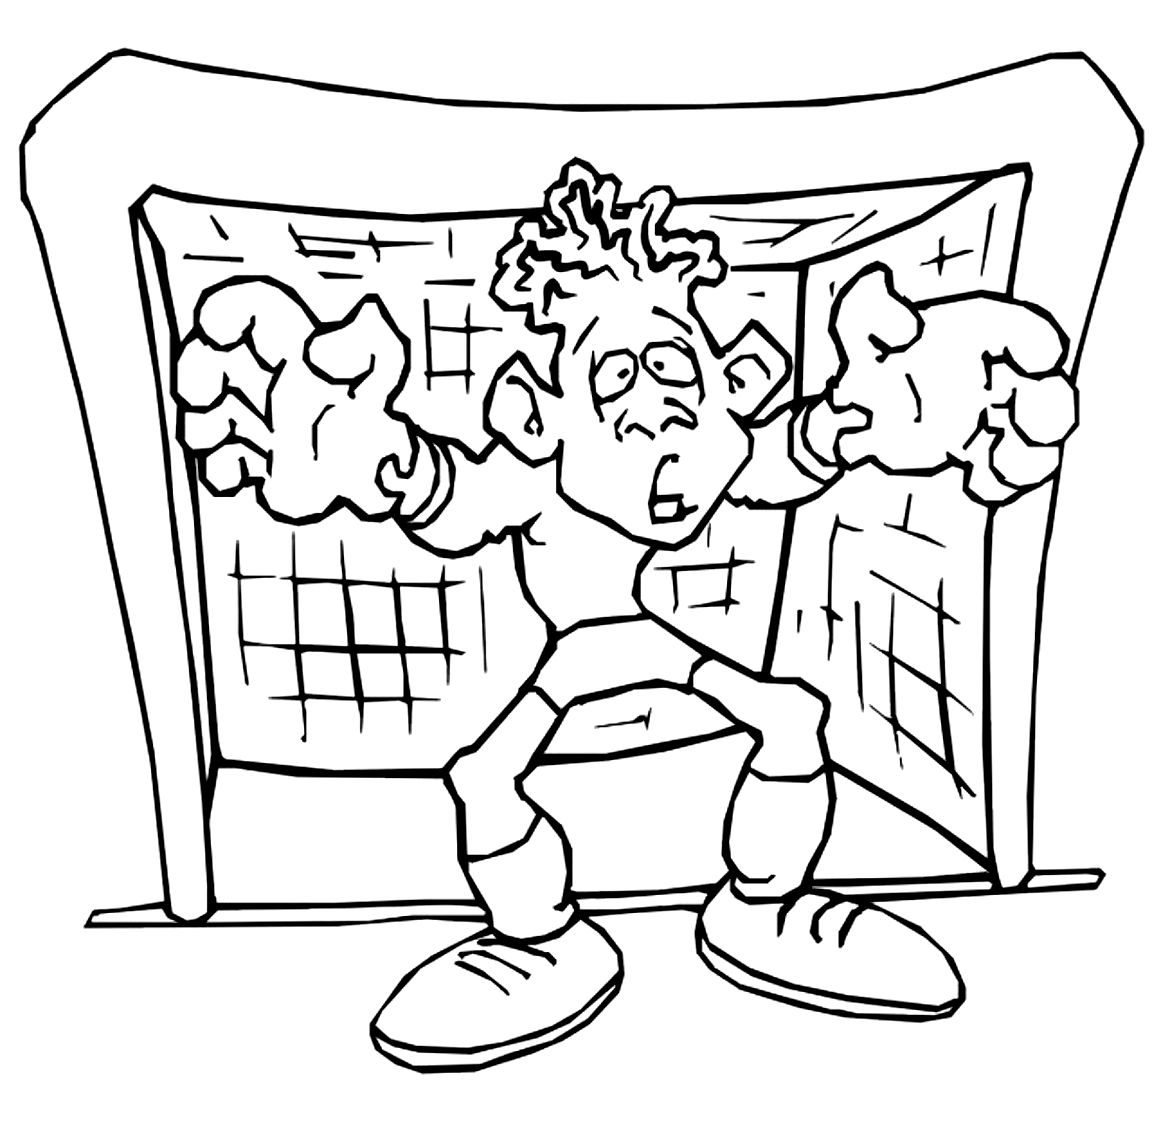 Coloriage 23 des Football is imprimer en colorier